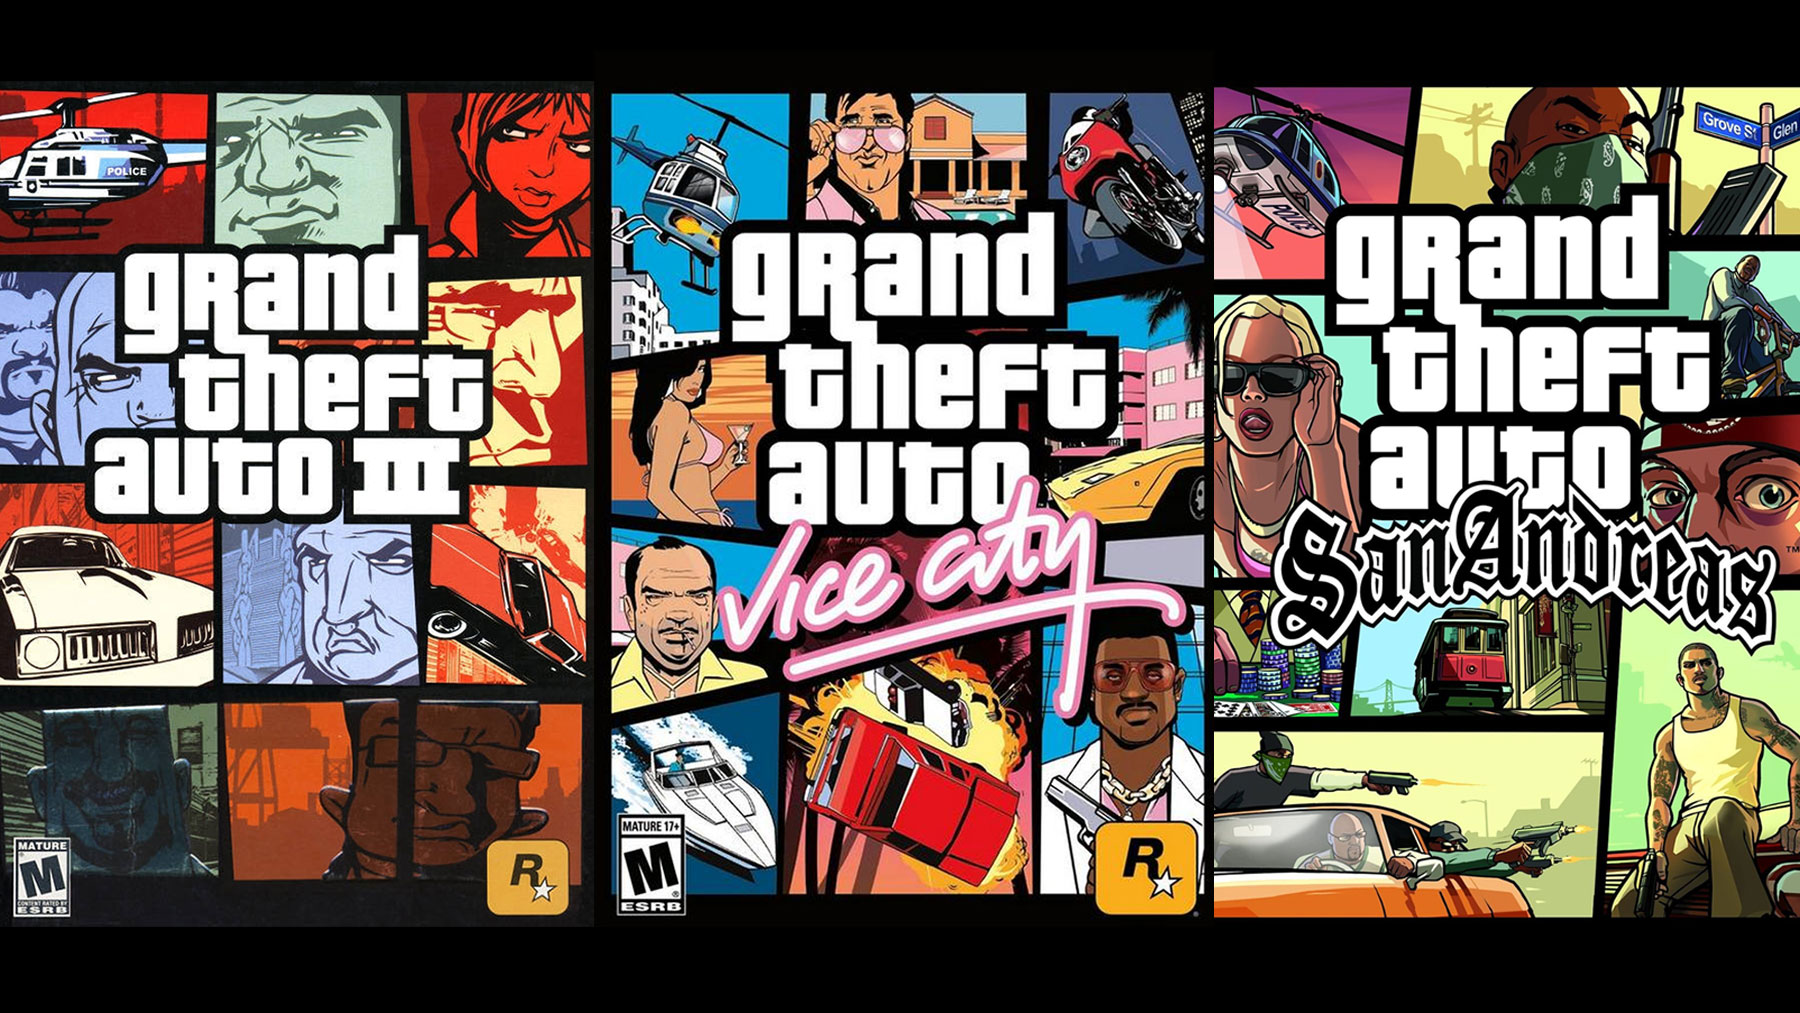 remaster van GTA Vice City en San Andreas?